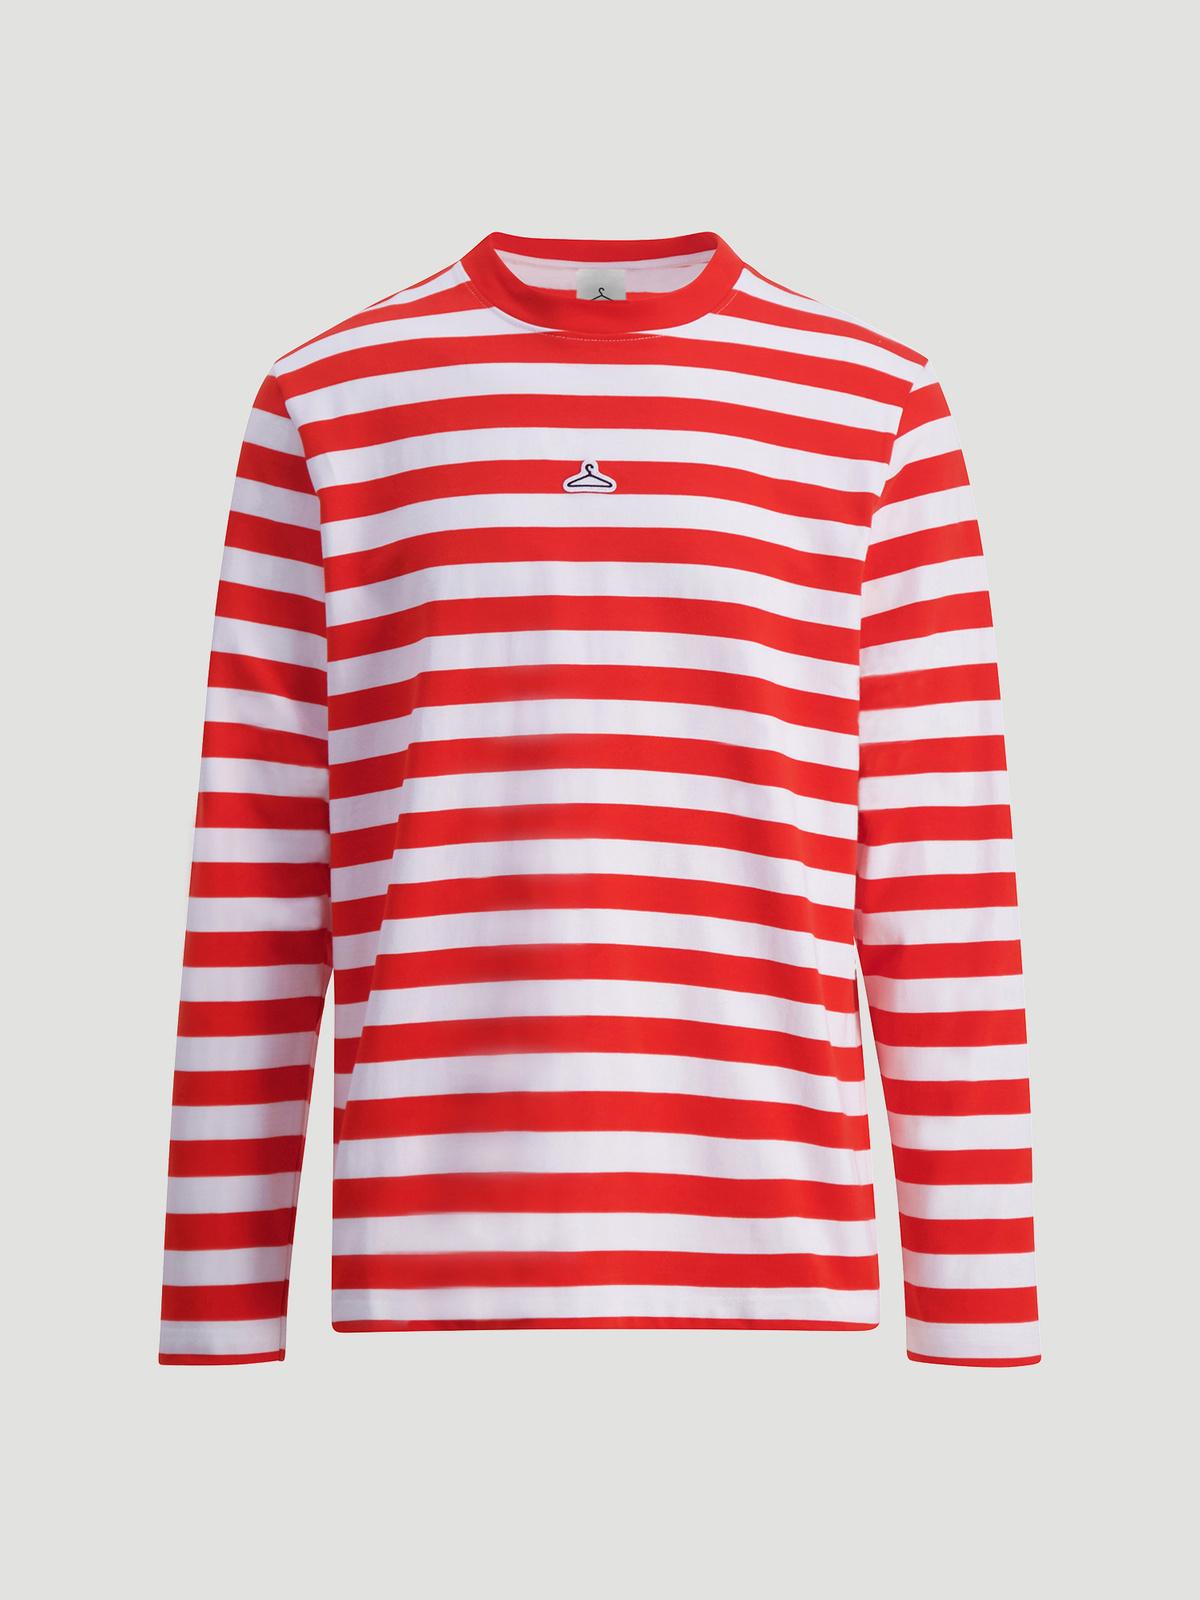 Hanger Striped Longsleeve Red White 1